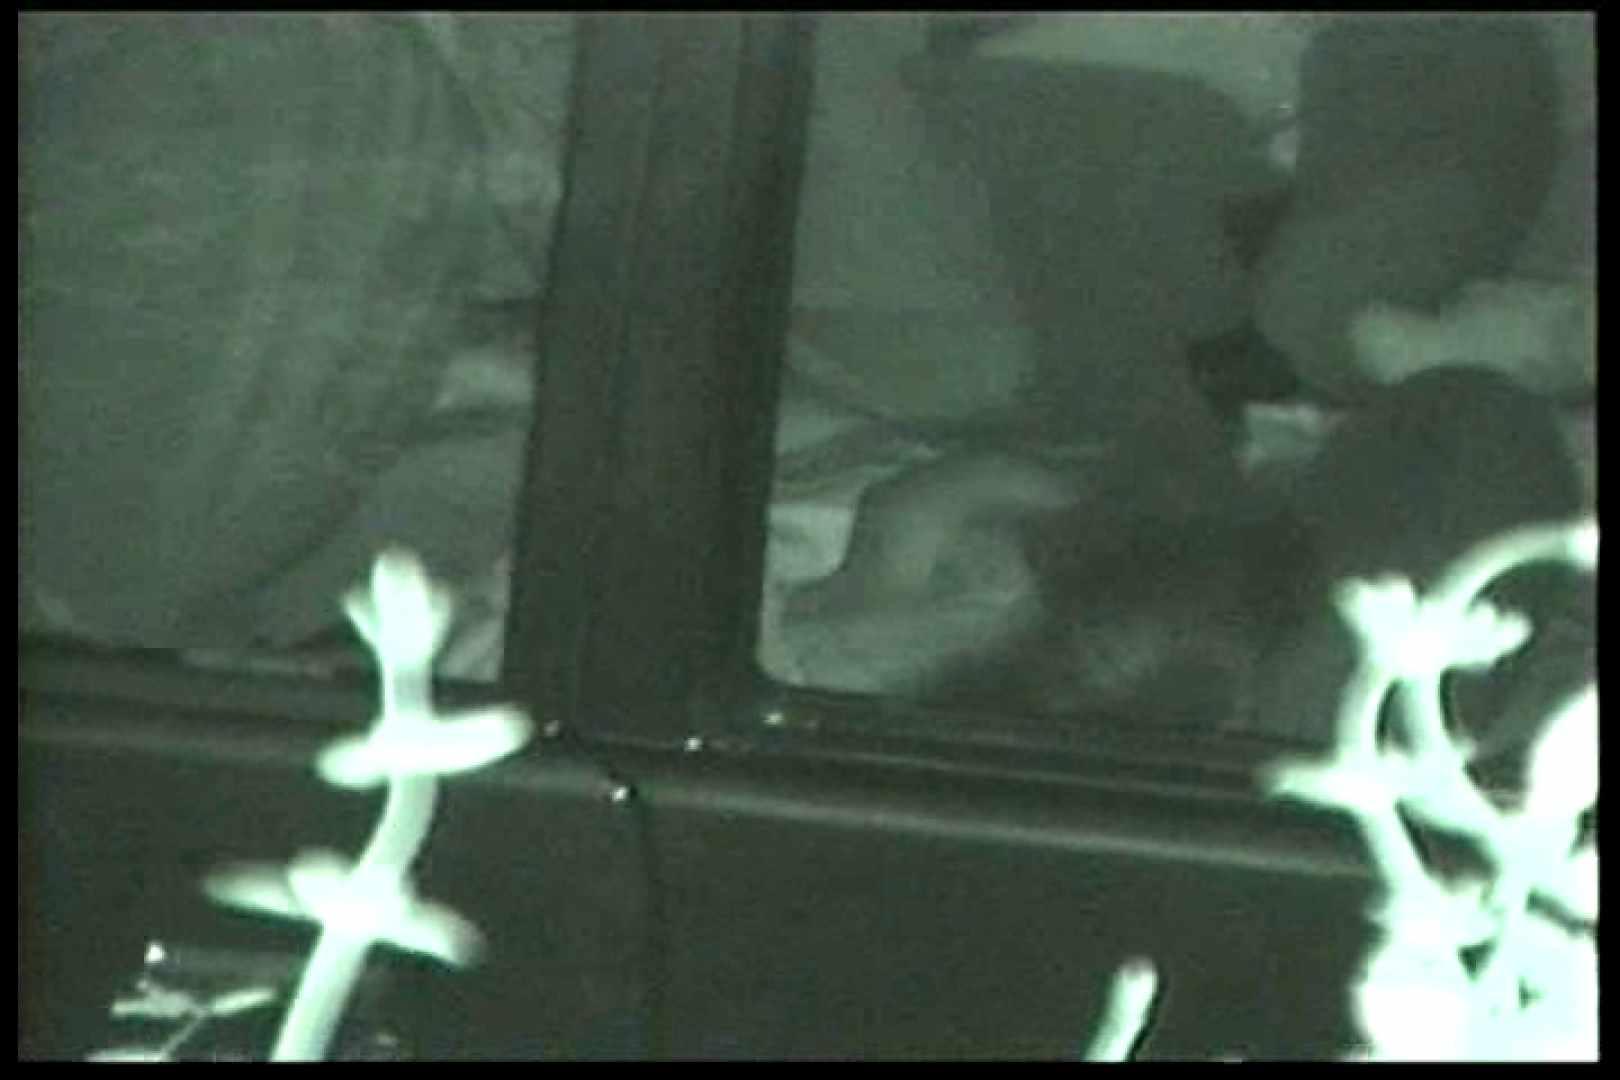 車の中はラブホテル 無修正版  Vol.15 OLの実態 覗きワレメ動画紹介 89pic 72